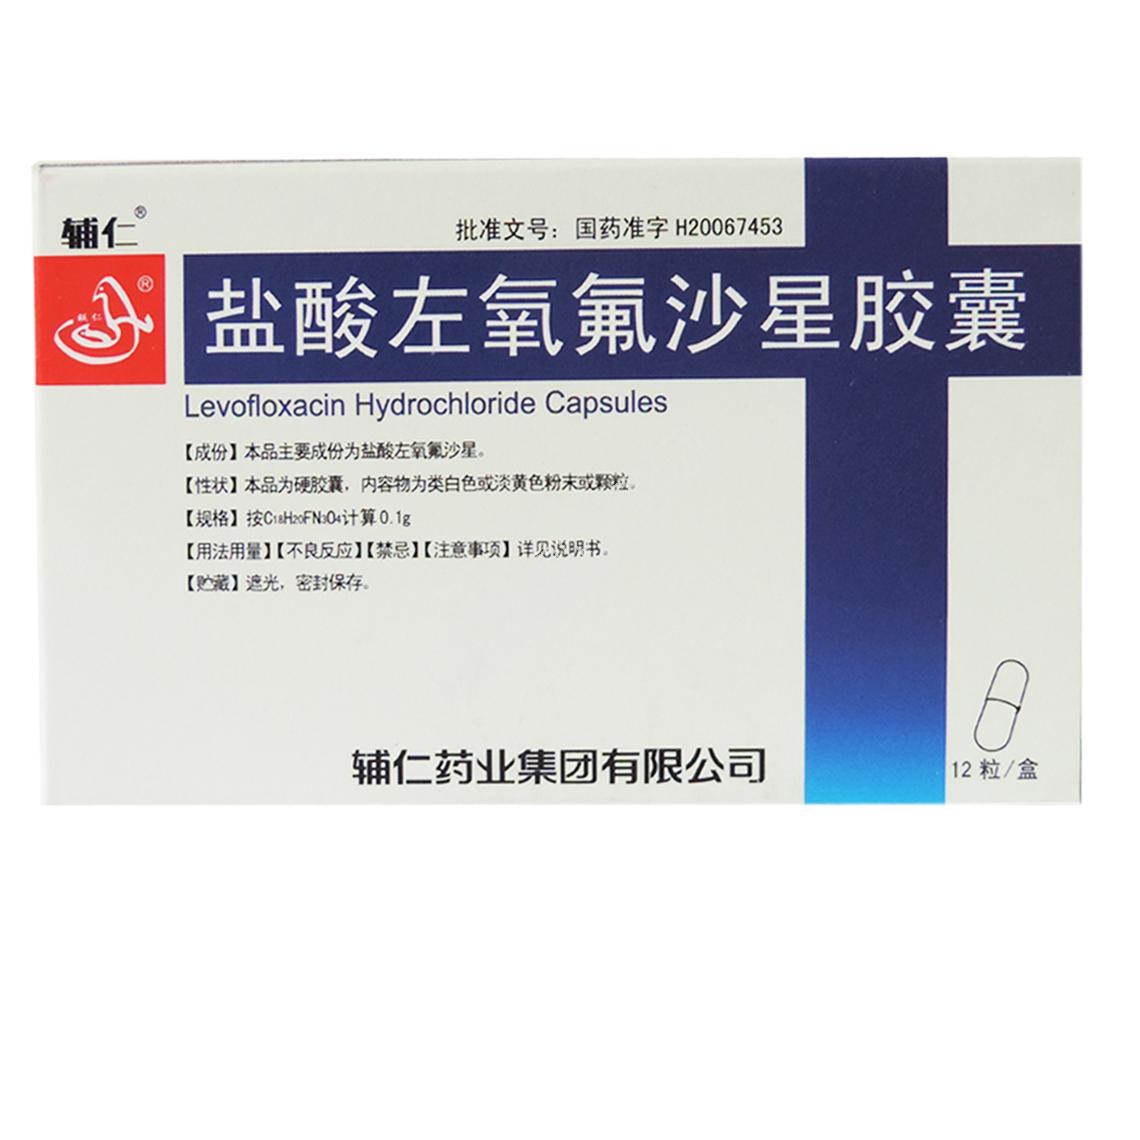 辅仁药业 盐酸左氧氟沙星胶囊